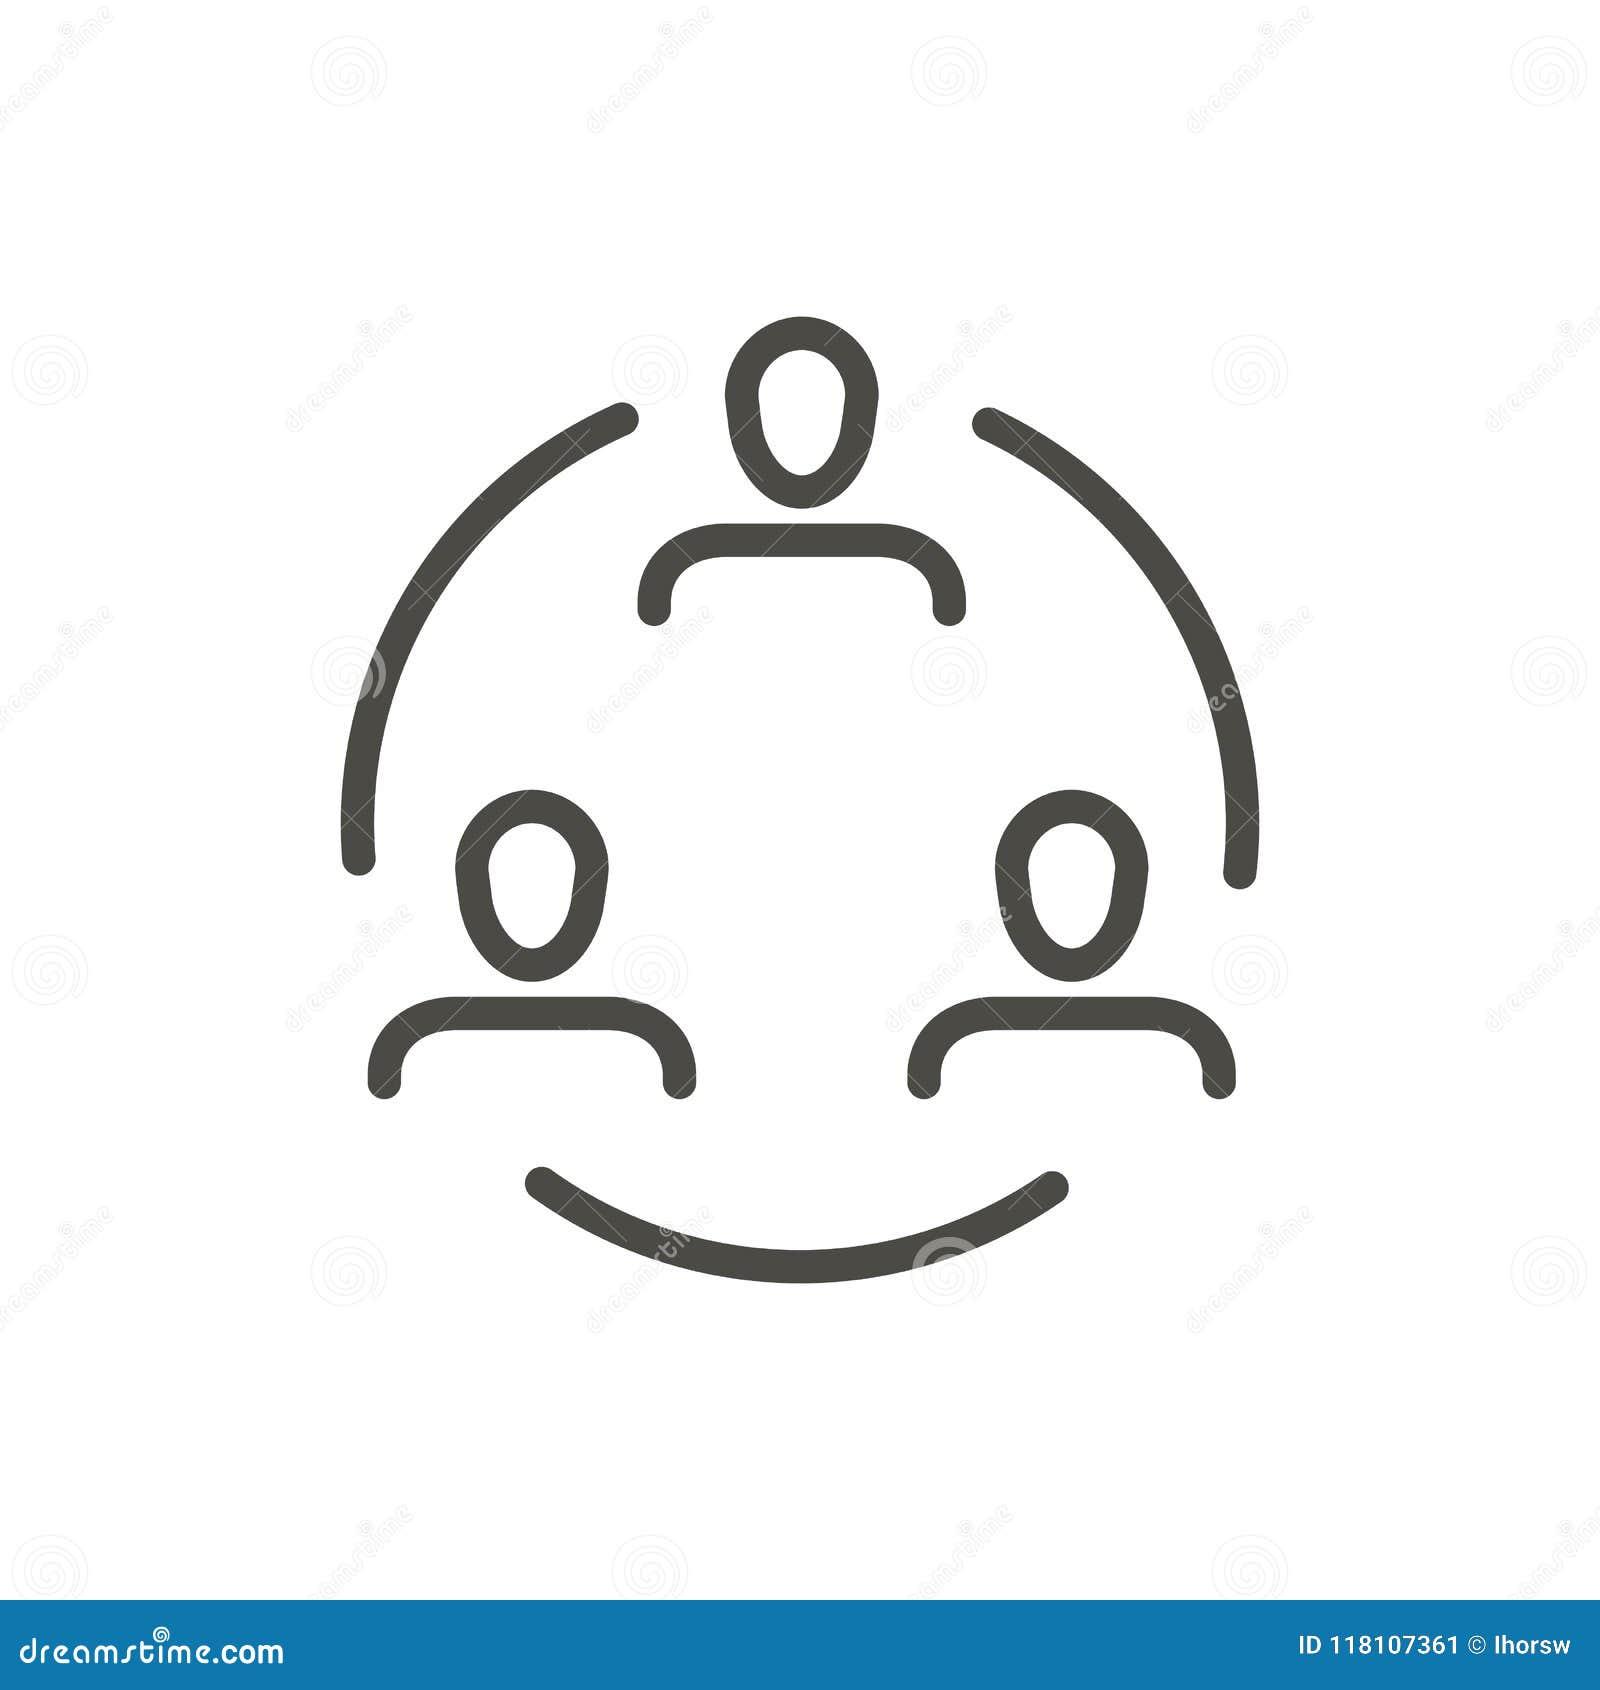 Konferenssymbolsvektor Isolerat Linecommunication symbol Moderiktig plan design för översiktsuitecken tunt